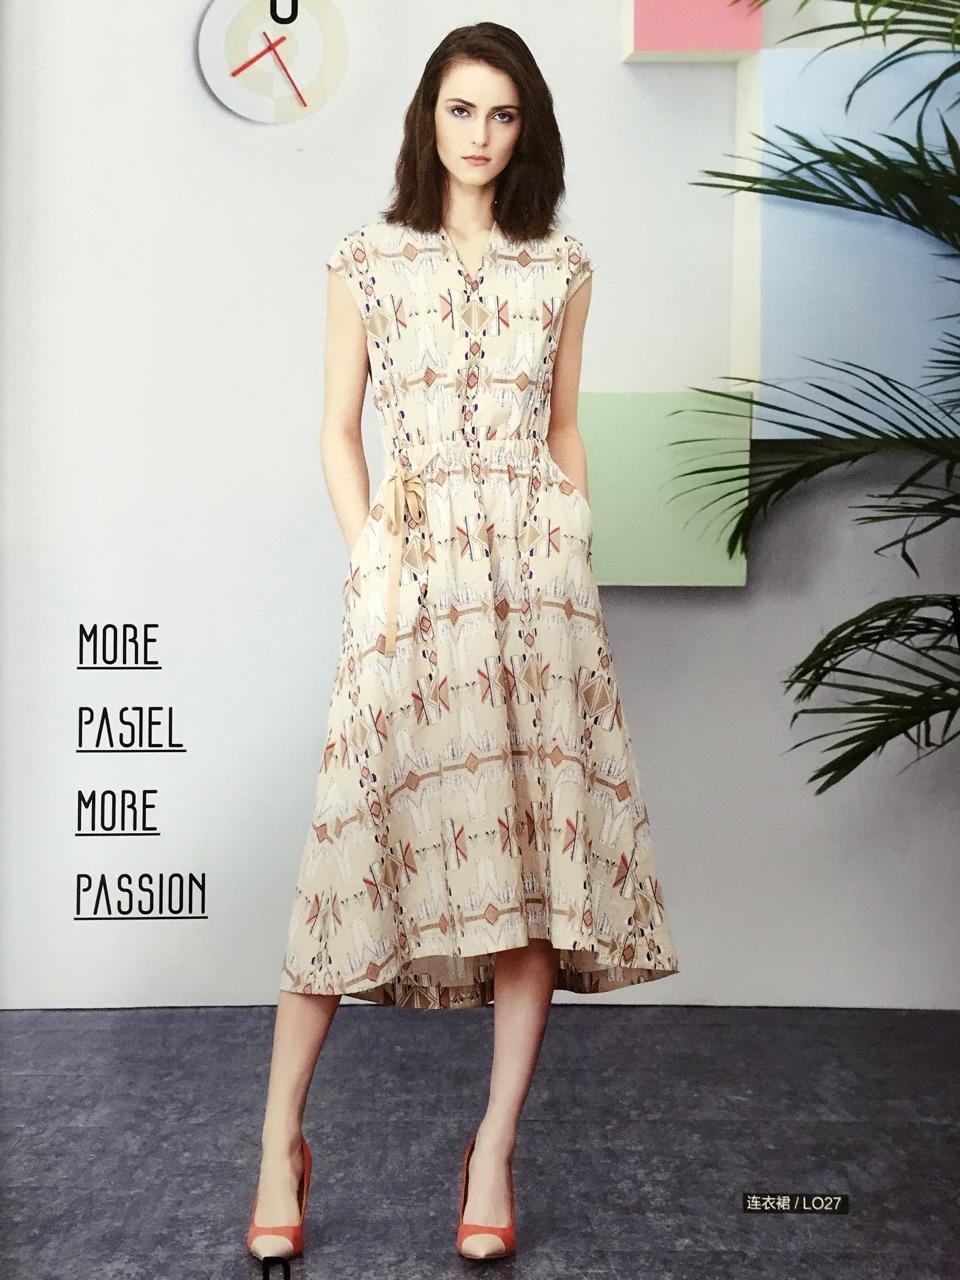 简单主题17女装加盟歌迪利尔唯品会品牌折扣女装广州女装拿货